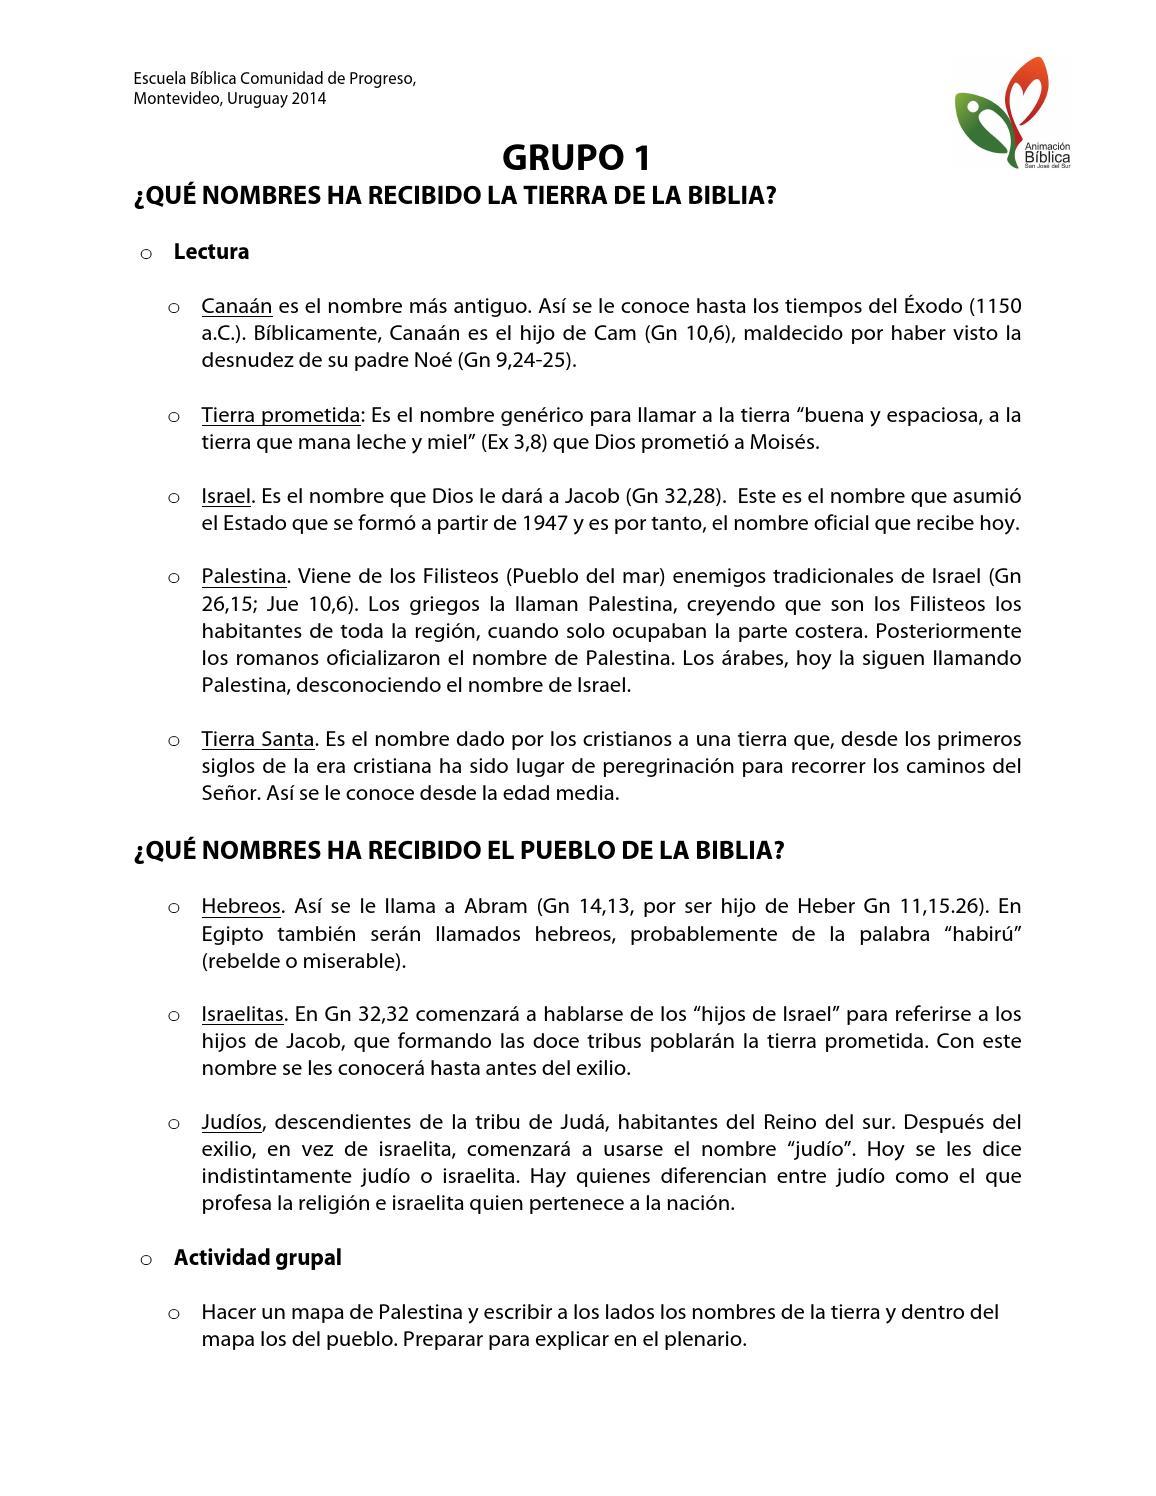 Nombres De La Tierra Y El Pueblo By Inpas Issuu